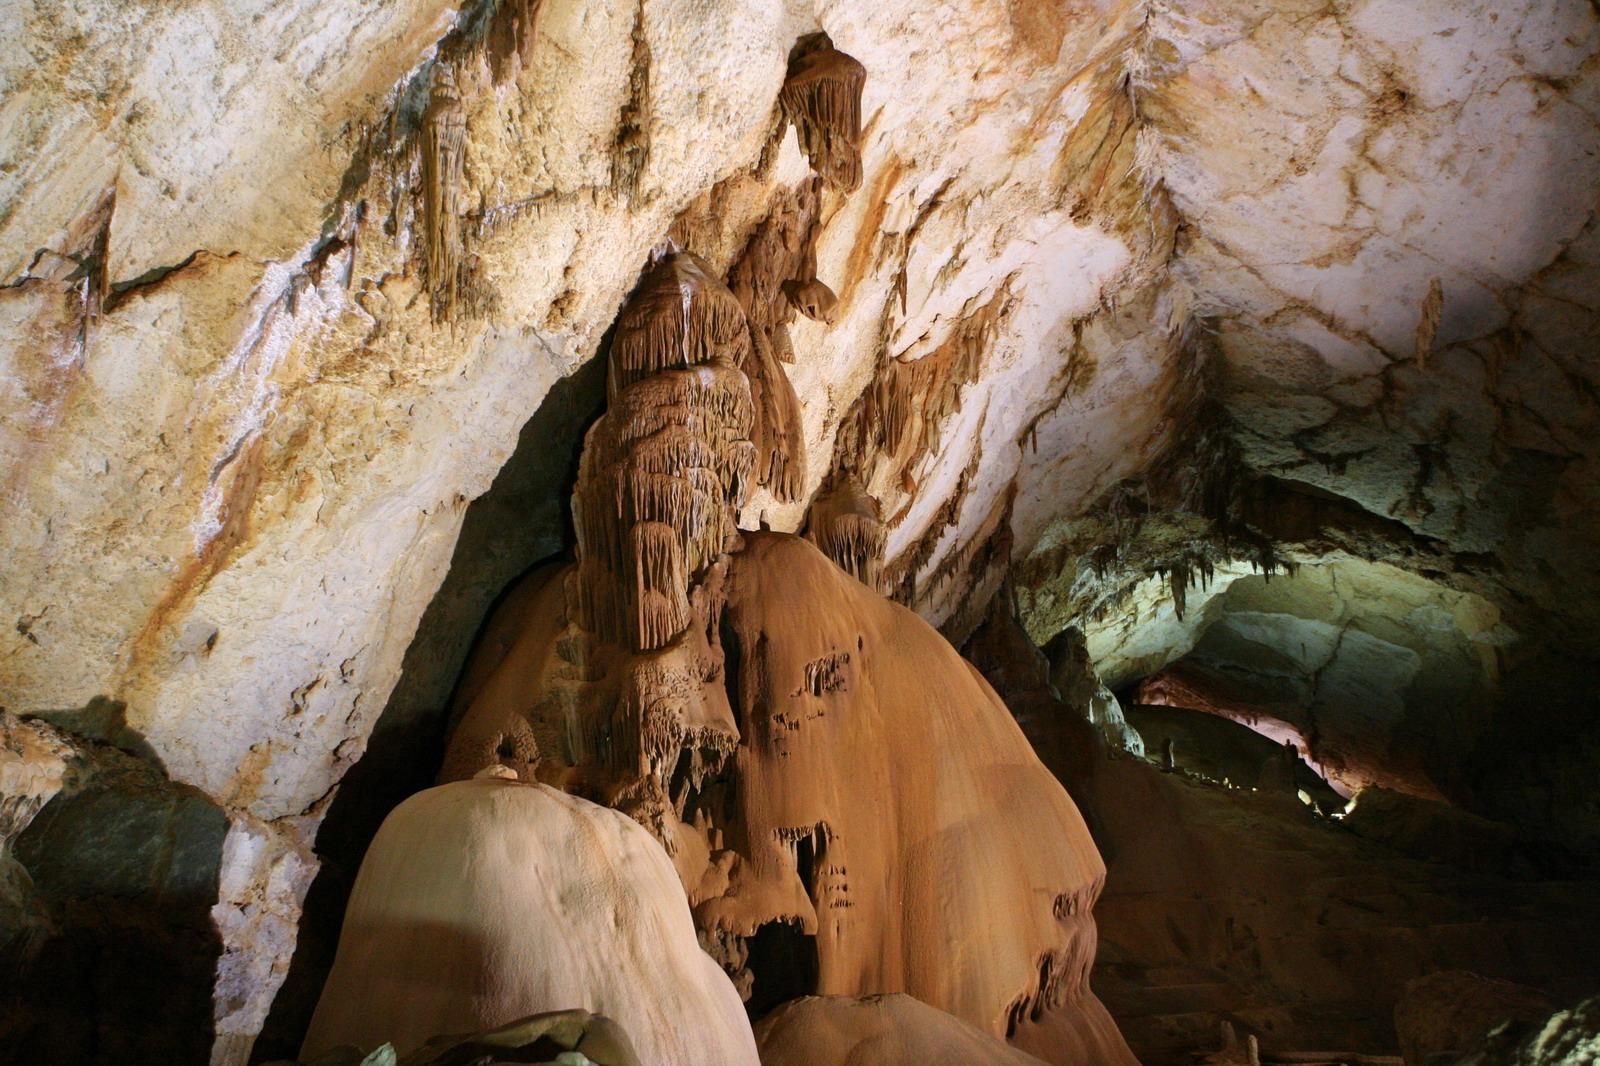 эталон, пещера ялтинская фото слой кутикулы